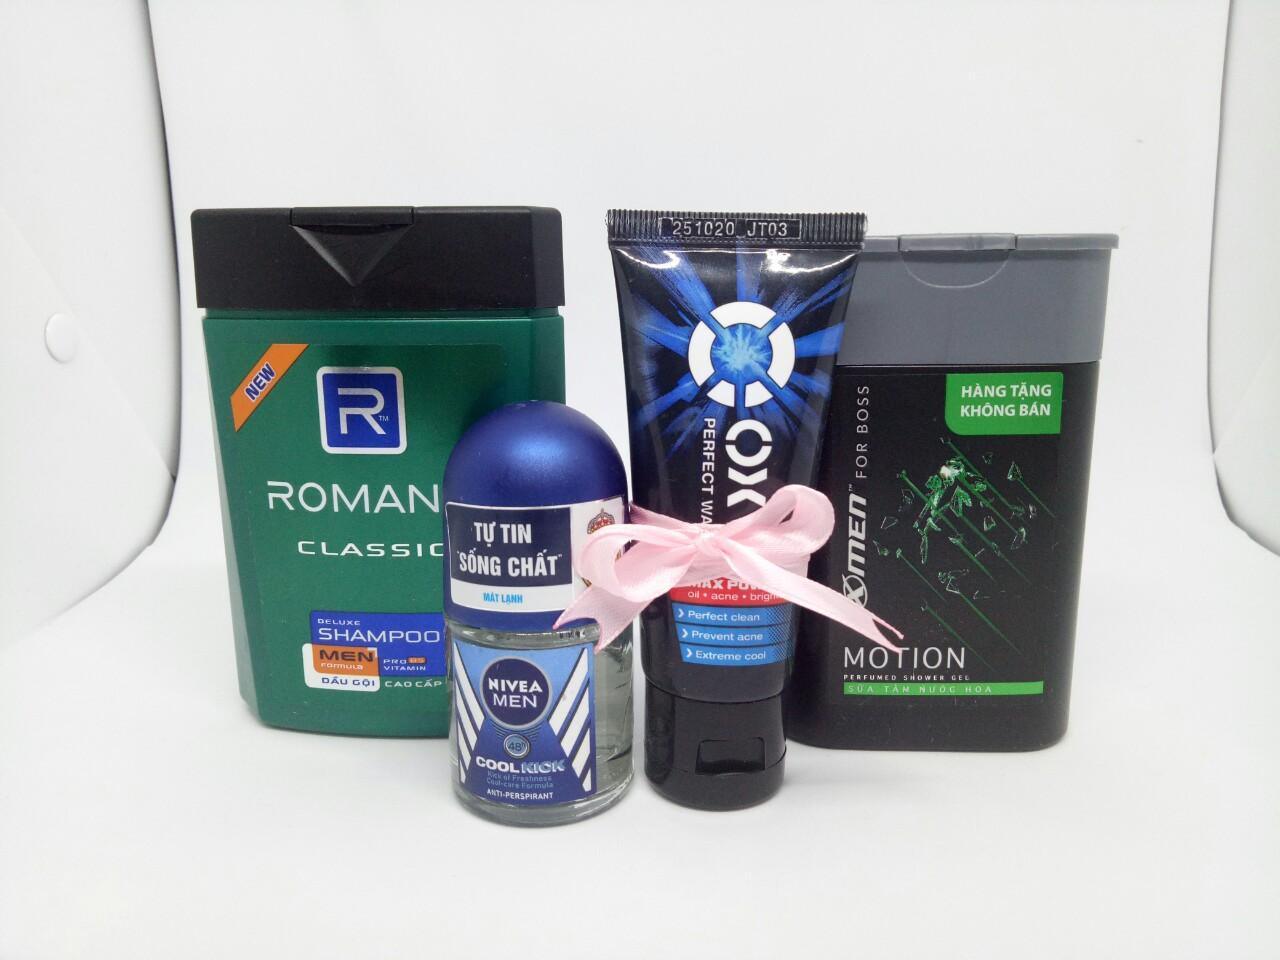 Trọn bộ 4 món dành cho nam giới : 1chai Sữa tắm hương nước hoa Xmen + 1 chai Dầu Gội Cao Cấp Cho Nam Romano Classic + 1chai Lăn khử mùi Nivea + Tặng 1 tuýt sữa rửa mặt oxy & 1 túi đựng mỹ phẩm